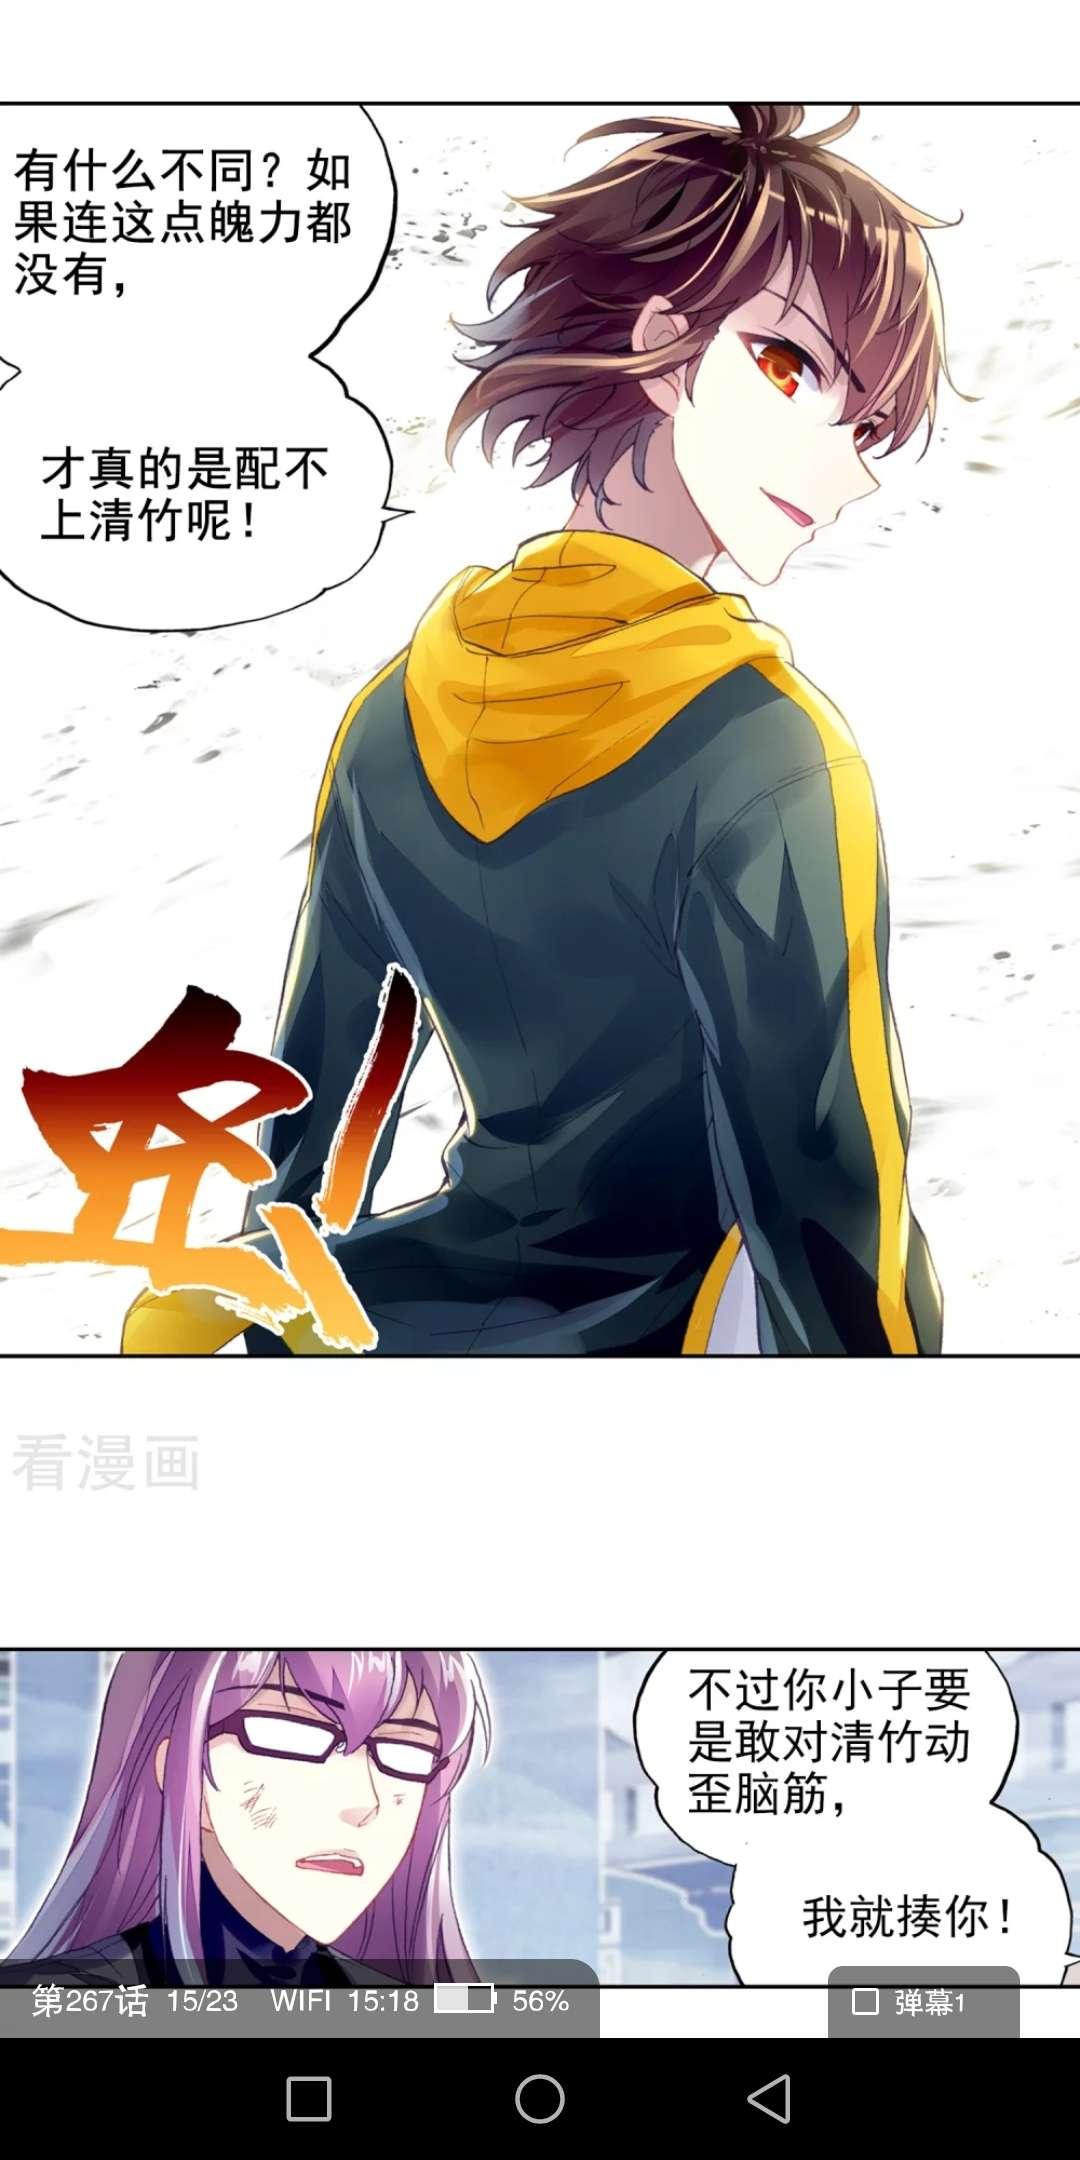 【漫画更新】舞动乾坤最新